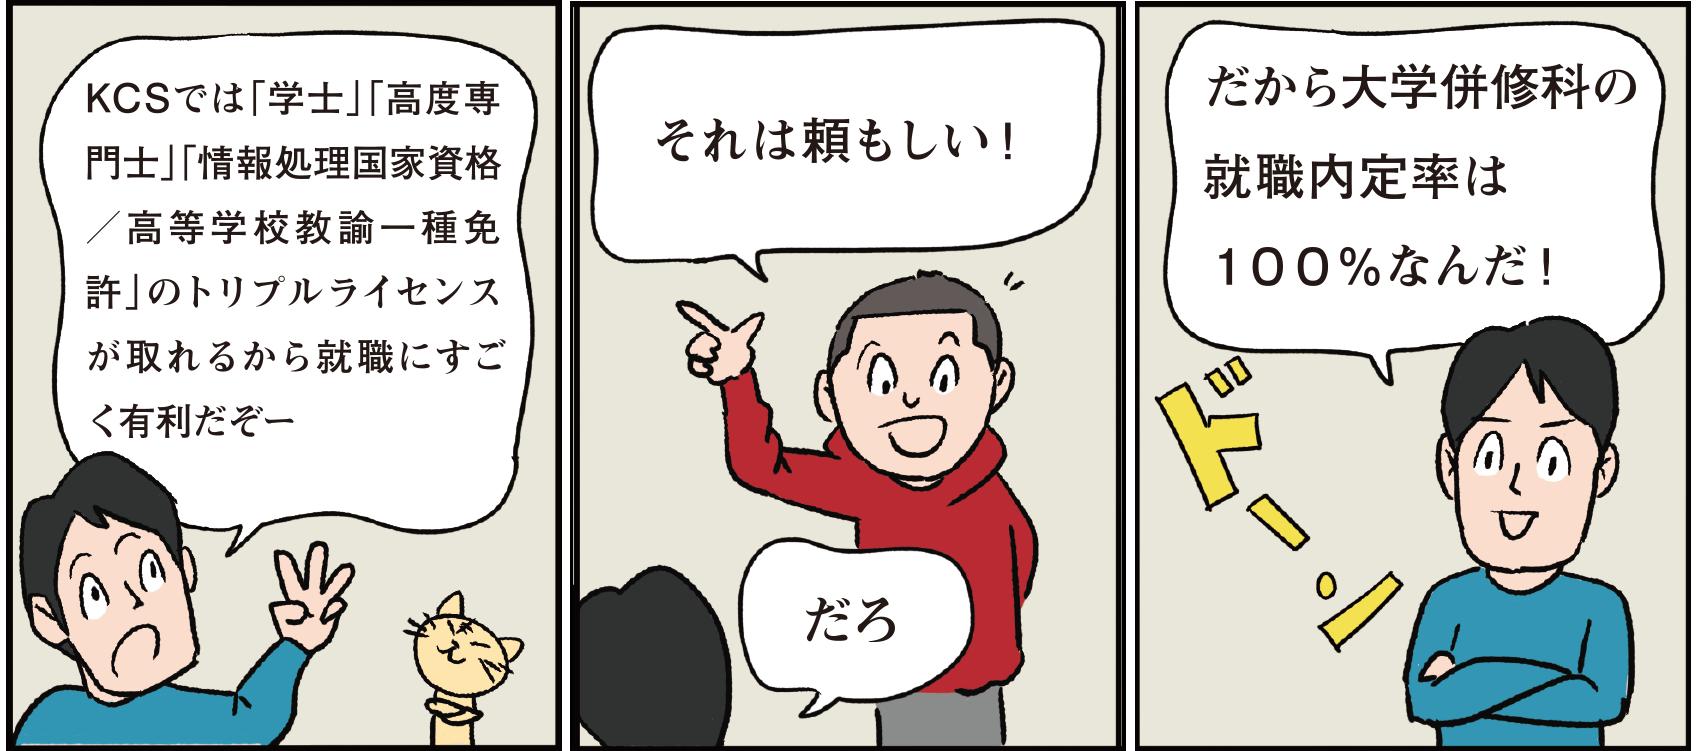 コミック16-18